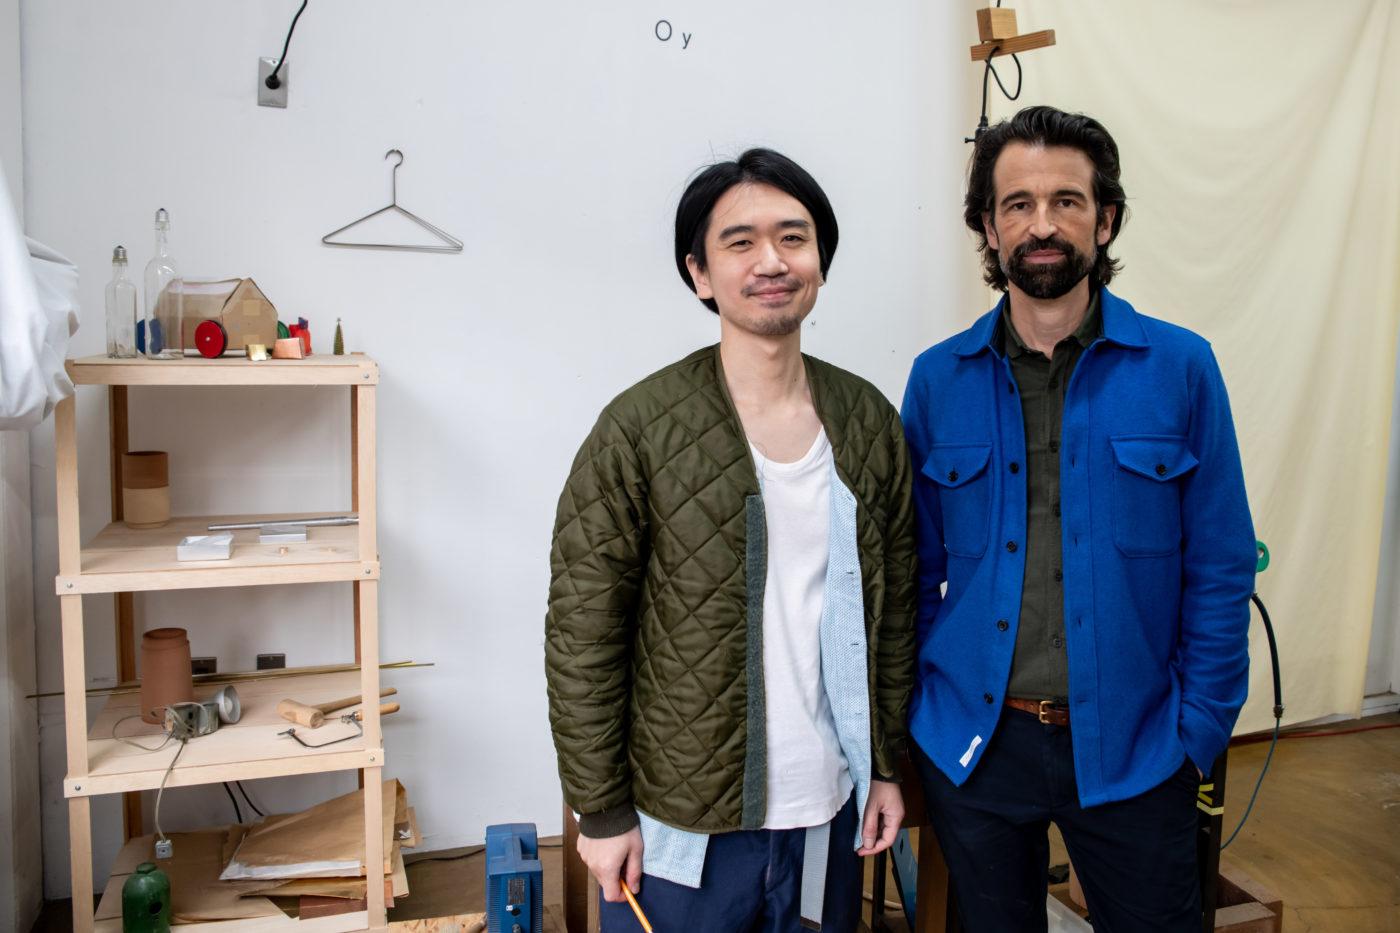 STUDIO VISIT|FREITAG創設者マーカス・フライターグさんと行く、吉行良平さんの仕事の現場 3/3